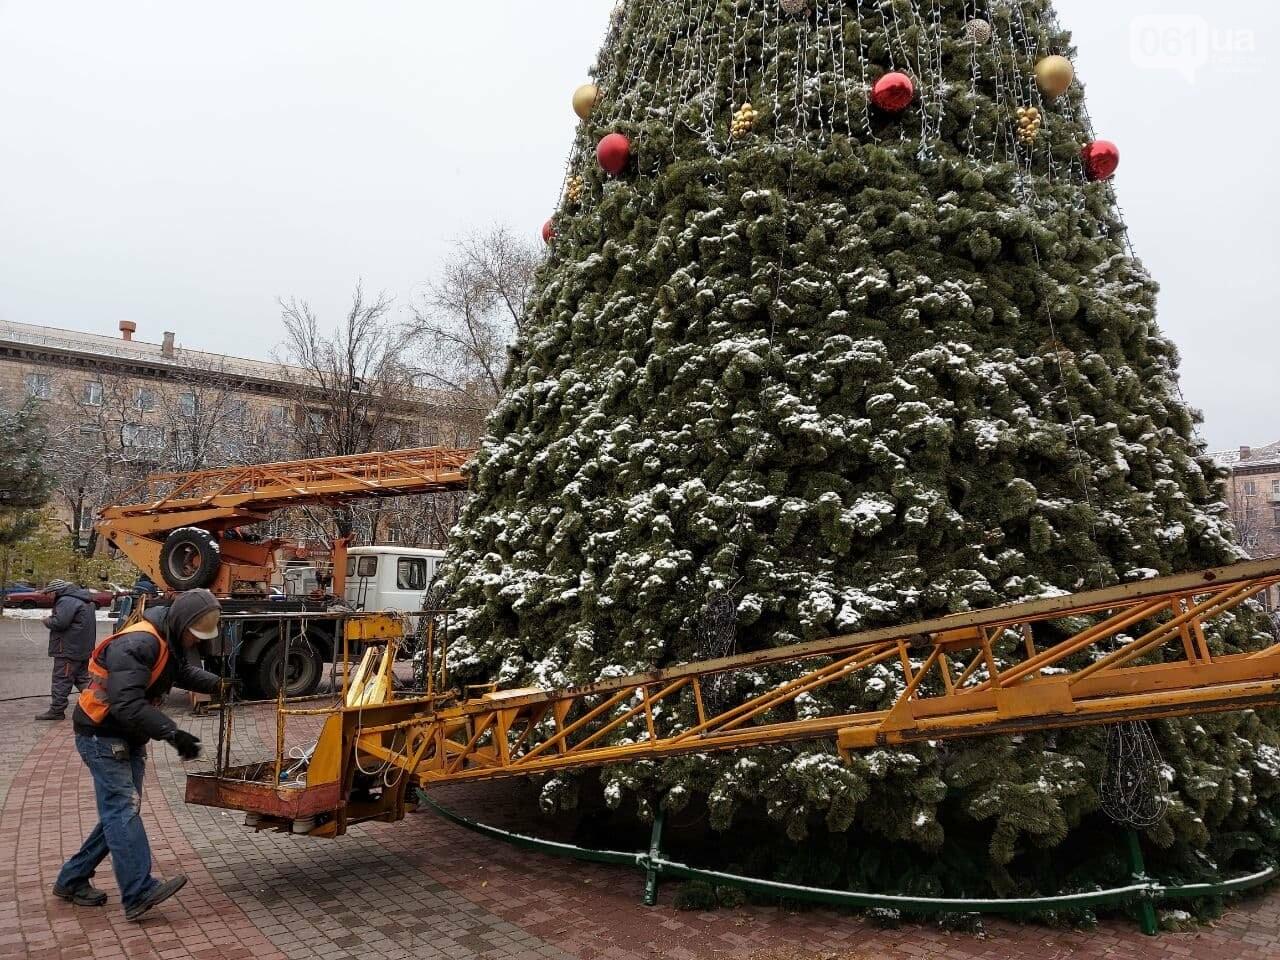 Новые игрушки для елки и обустройство новогоднего городка в центре Запорожья обойдется бюджету в 284 тысячи гривен, - ФОТОРЕПОРТАЖ , фото-5